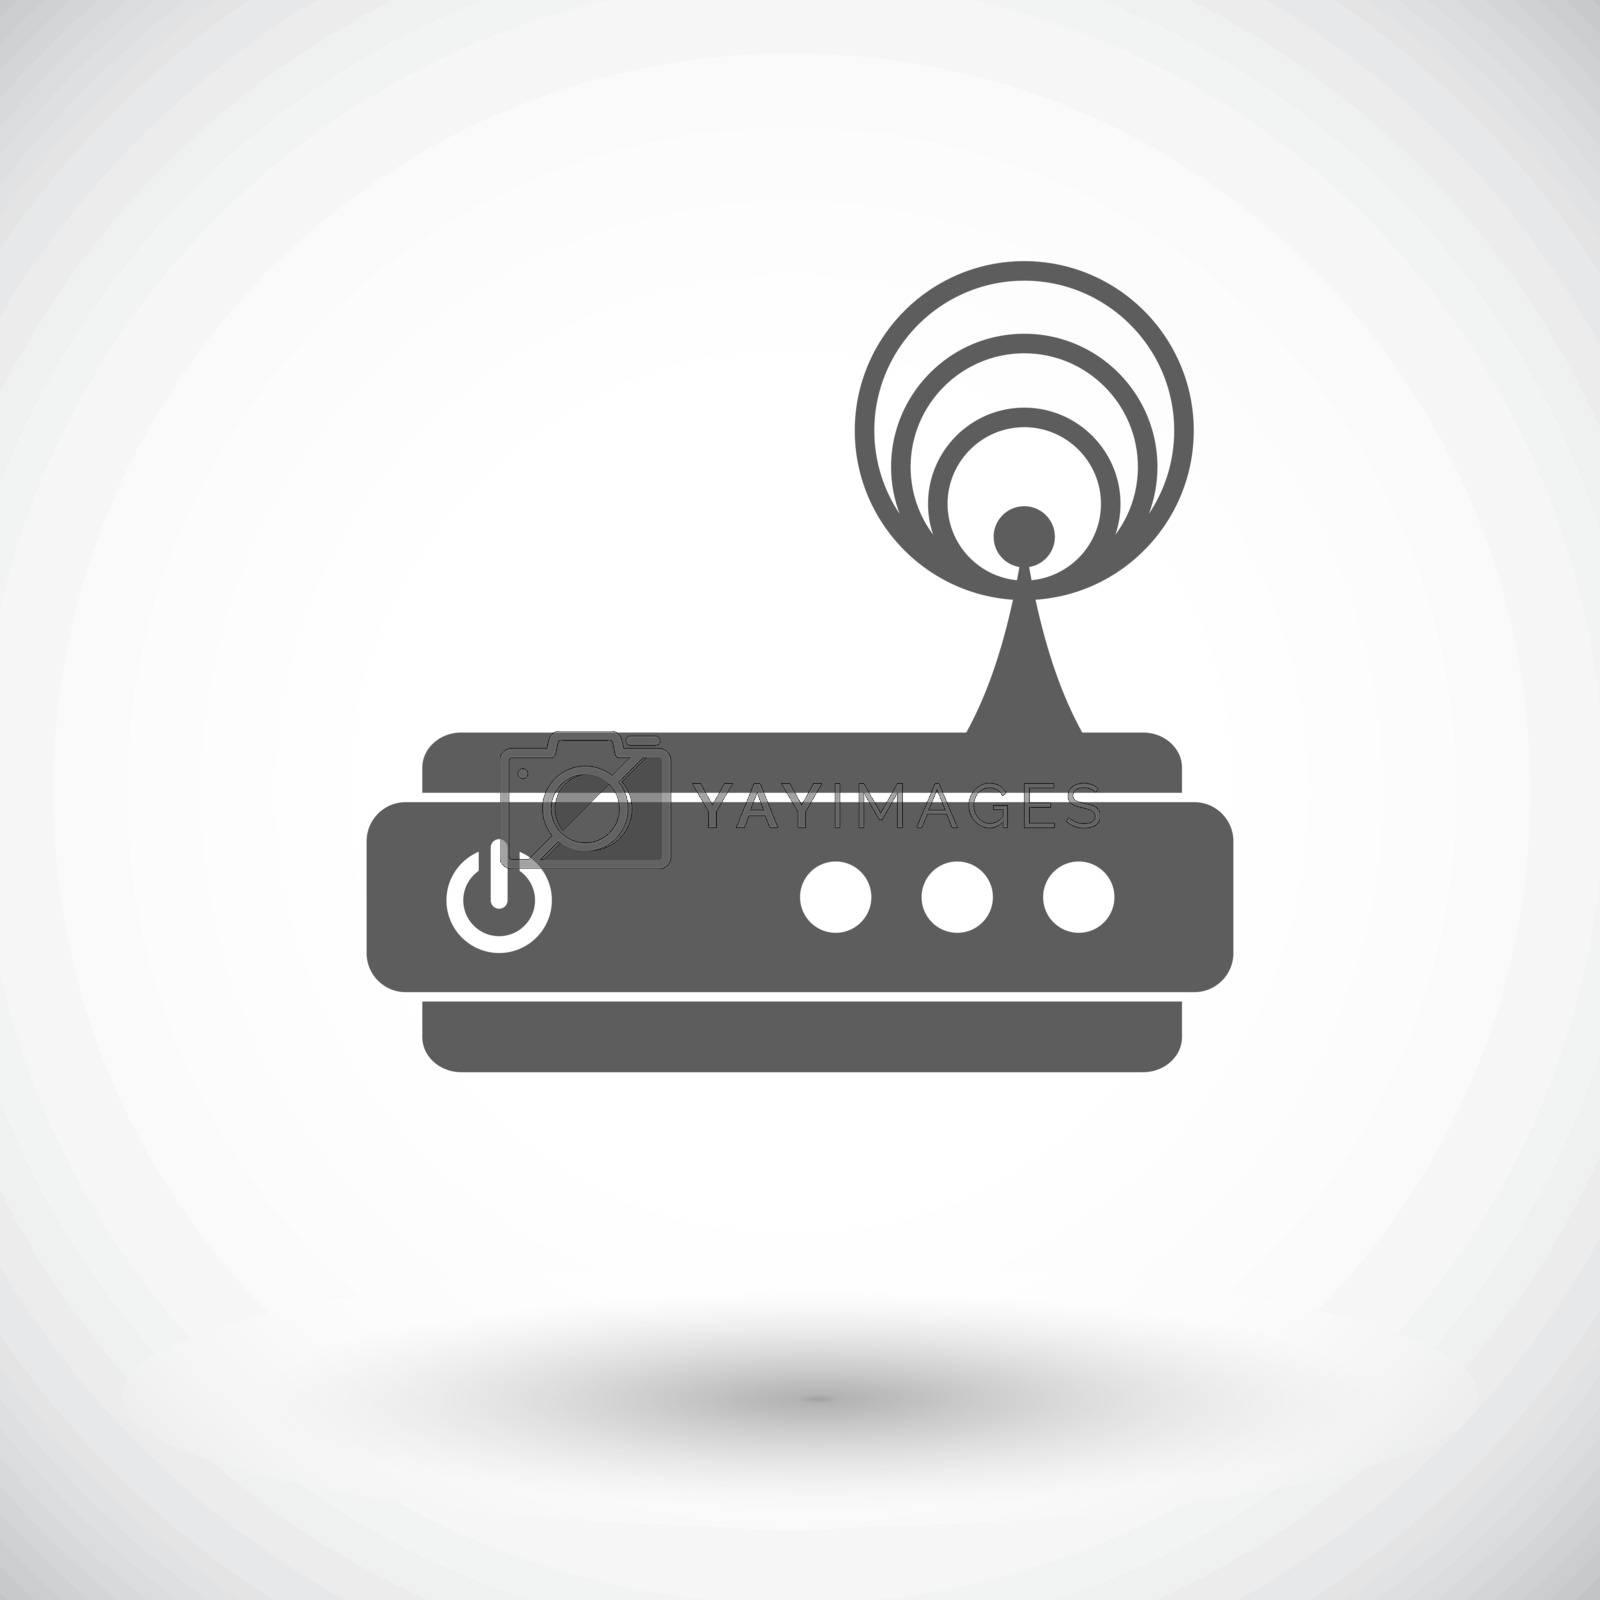 Router single icon. by smoki